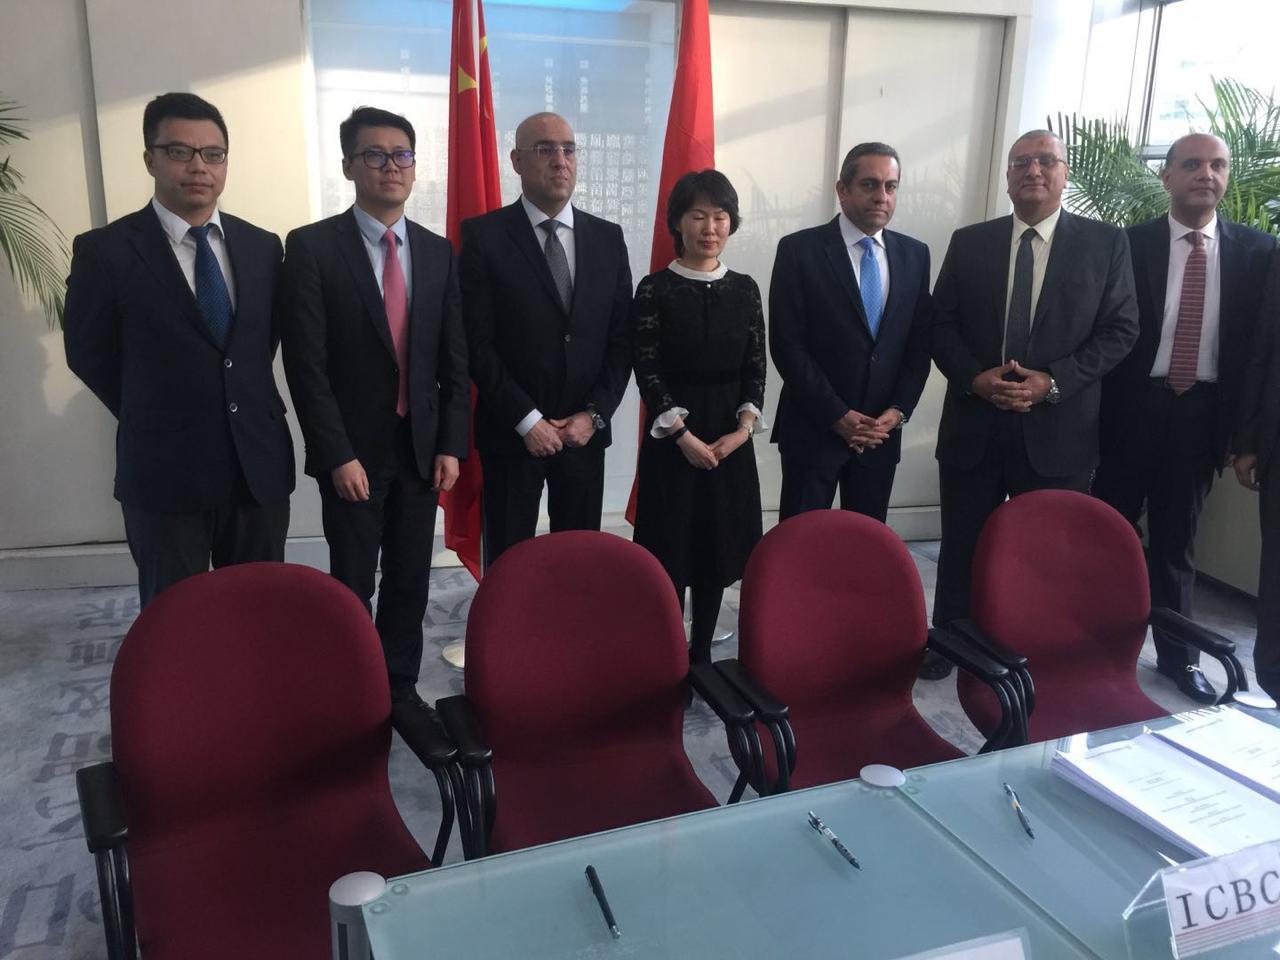 وزير الإسكان يشهد توقيع اتفاقية توقيع لتمويل حى المال والأعمال بالعاصمة الإدارية  (2)